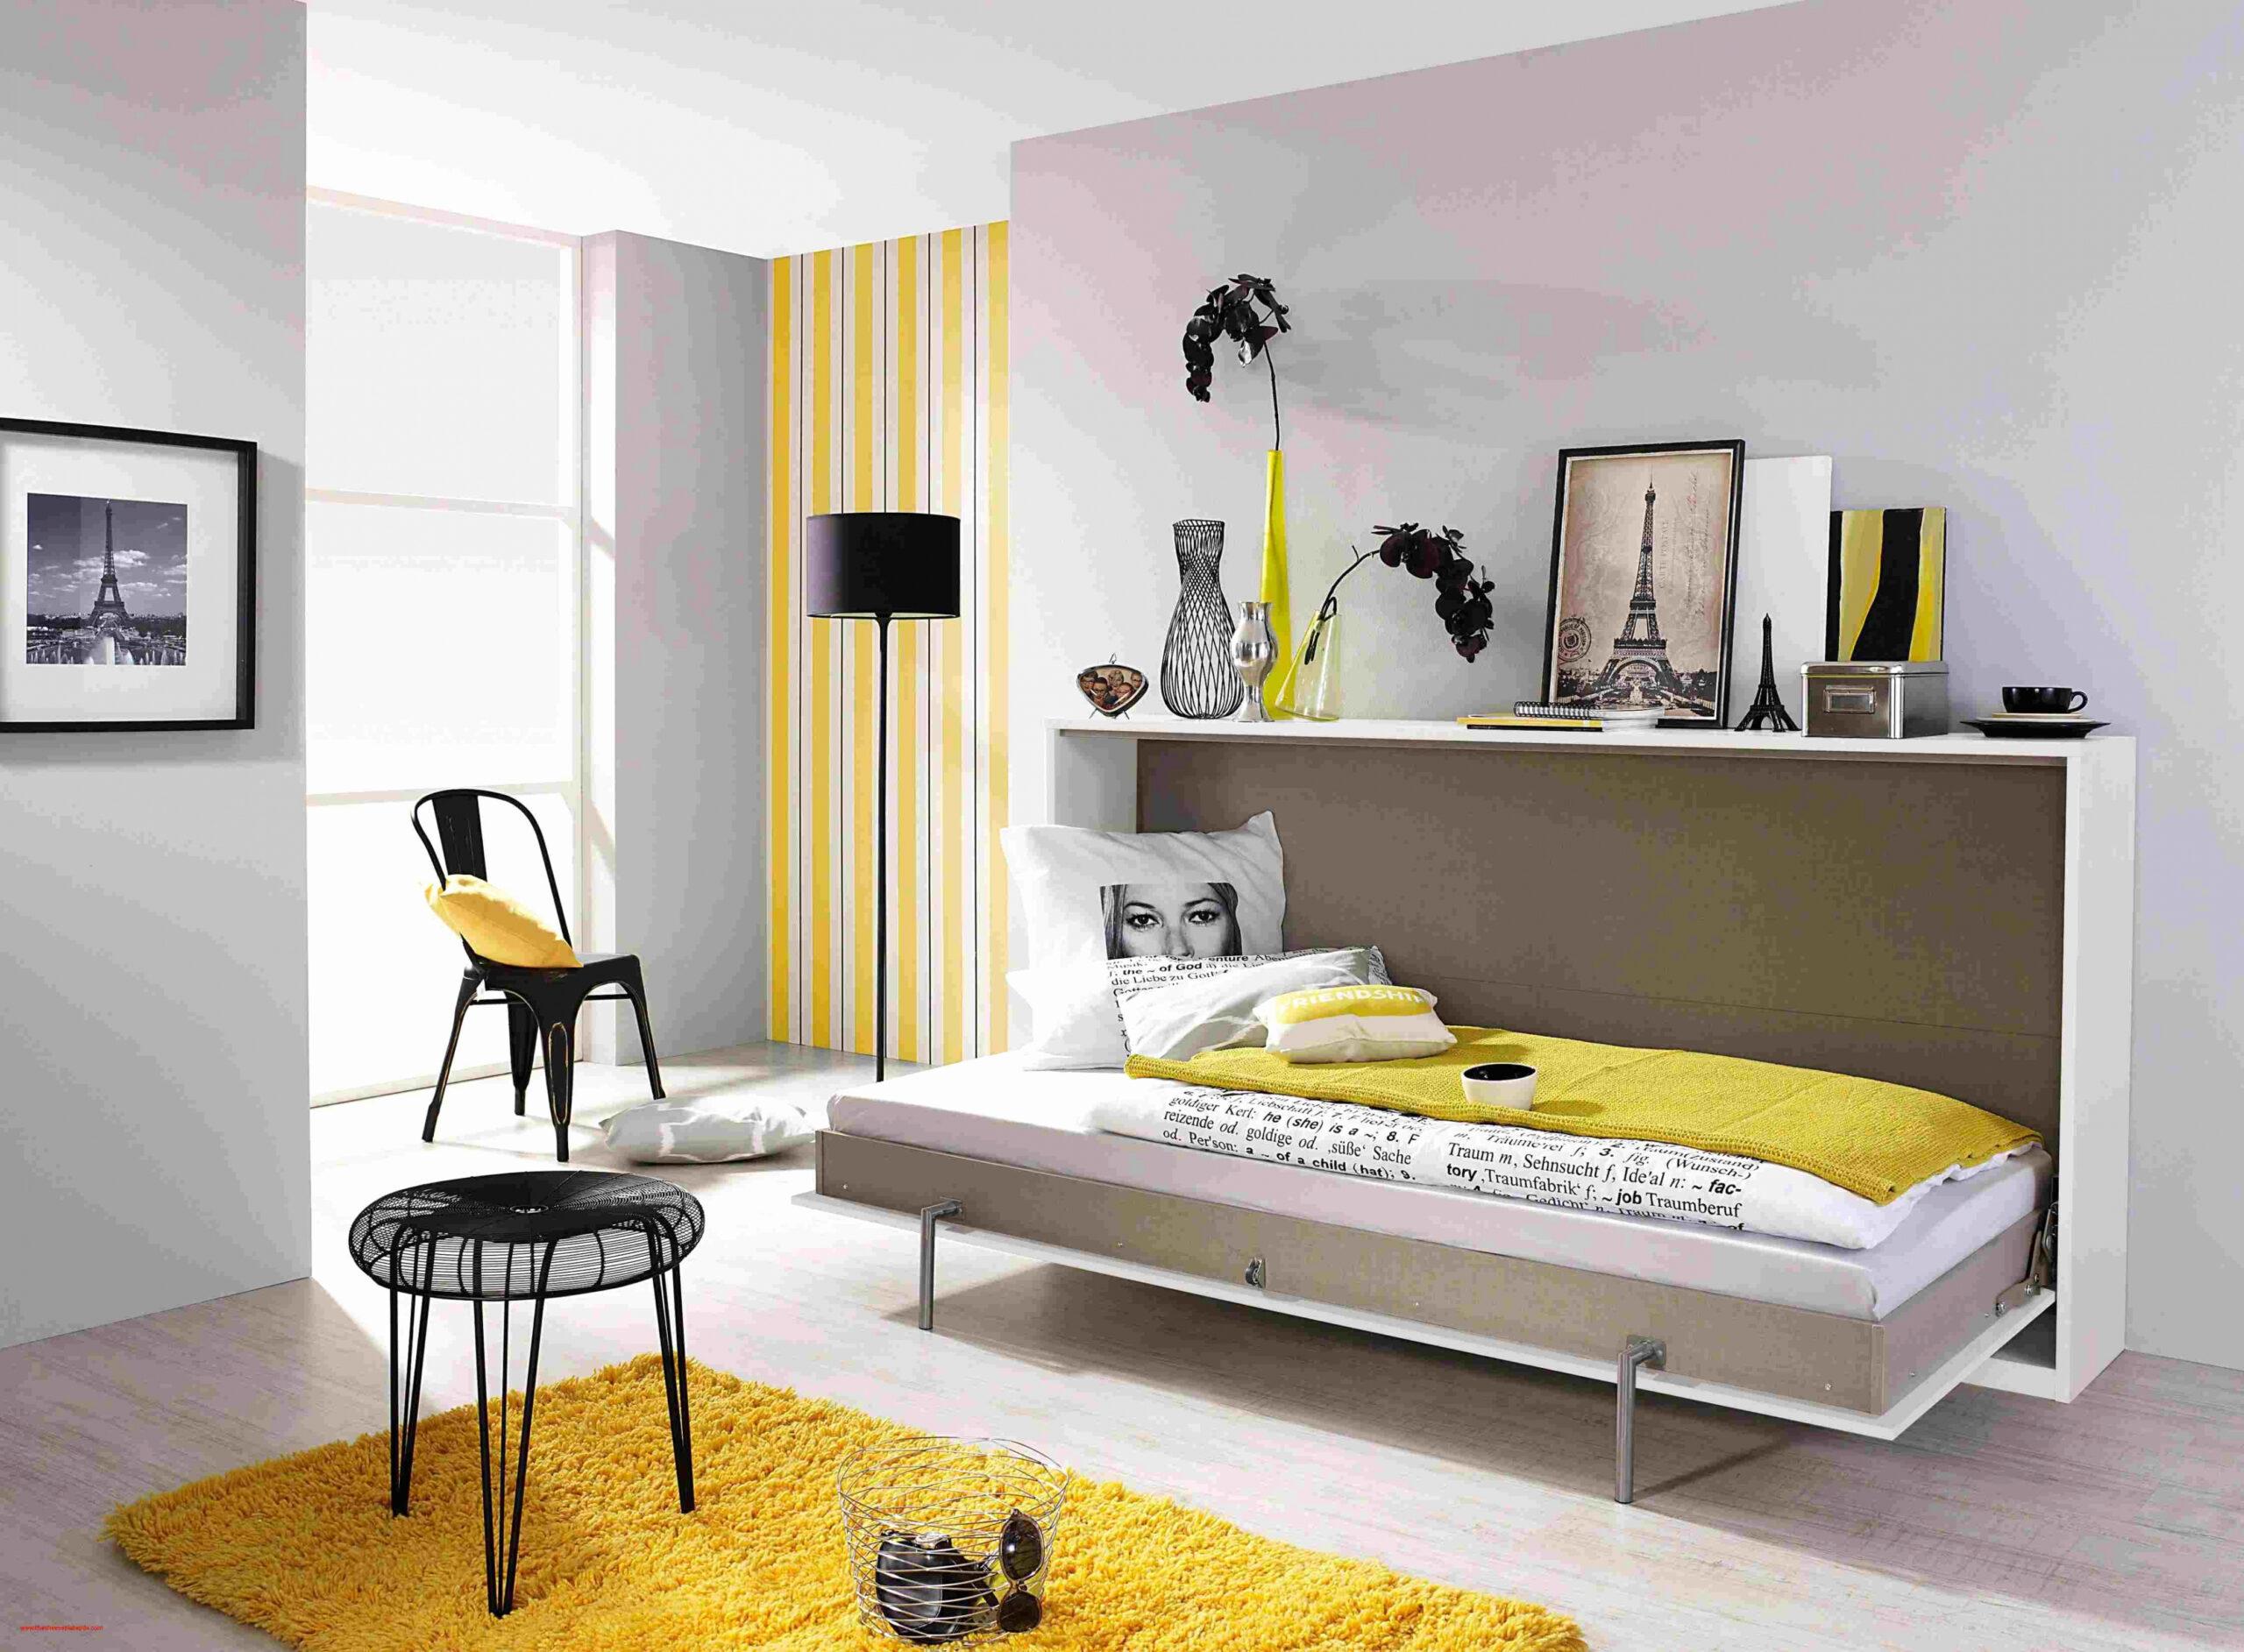 Full Size of 28 Luxus Lager Von Kleiderschrank Schrge Ikea Bad Hochschrank Badezimmer Spiegelschrank Mit Beleuchtung Betten 160x200 Unterschrank Küche Eckunterschrank Wohnzimmer Schrank Dachschräge Hinten Ikea